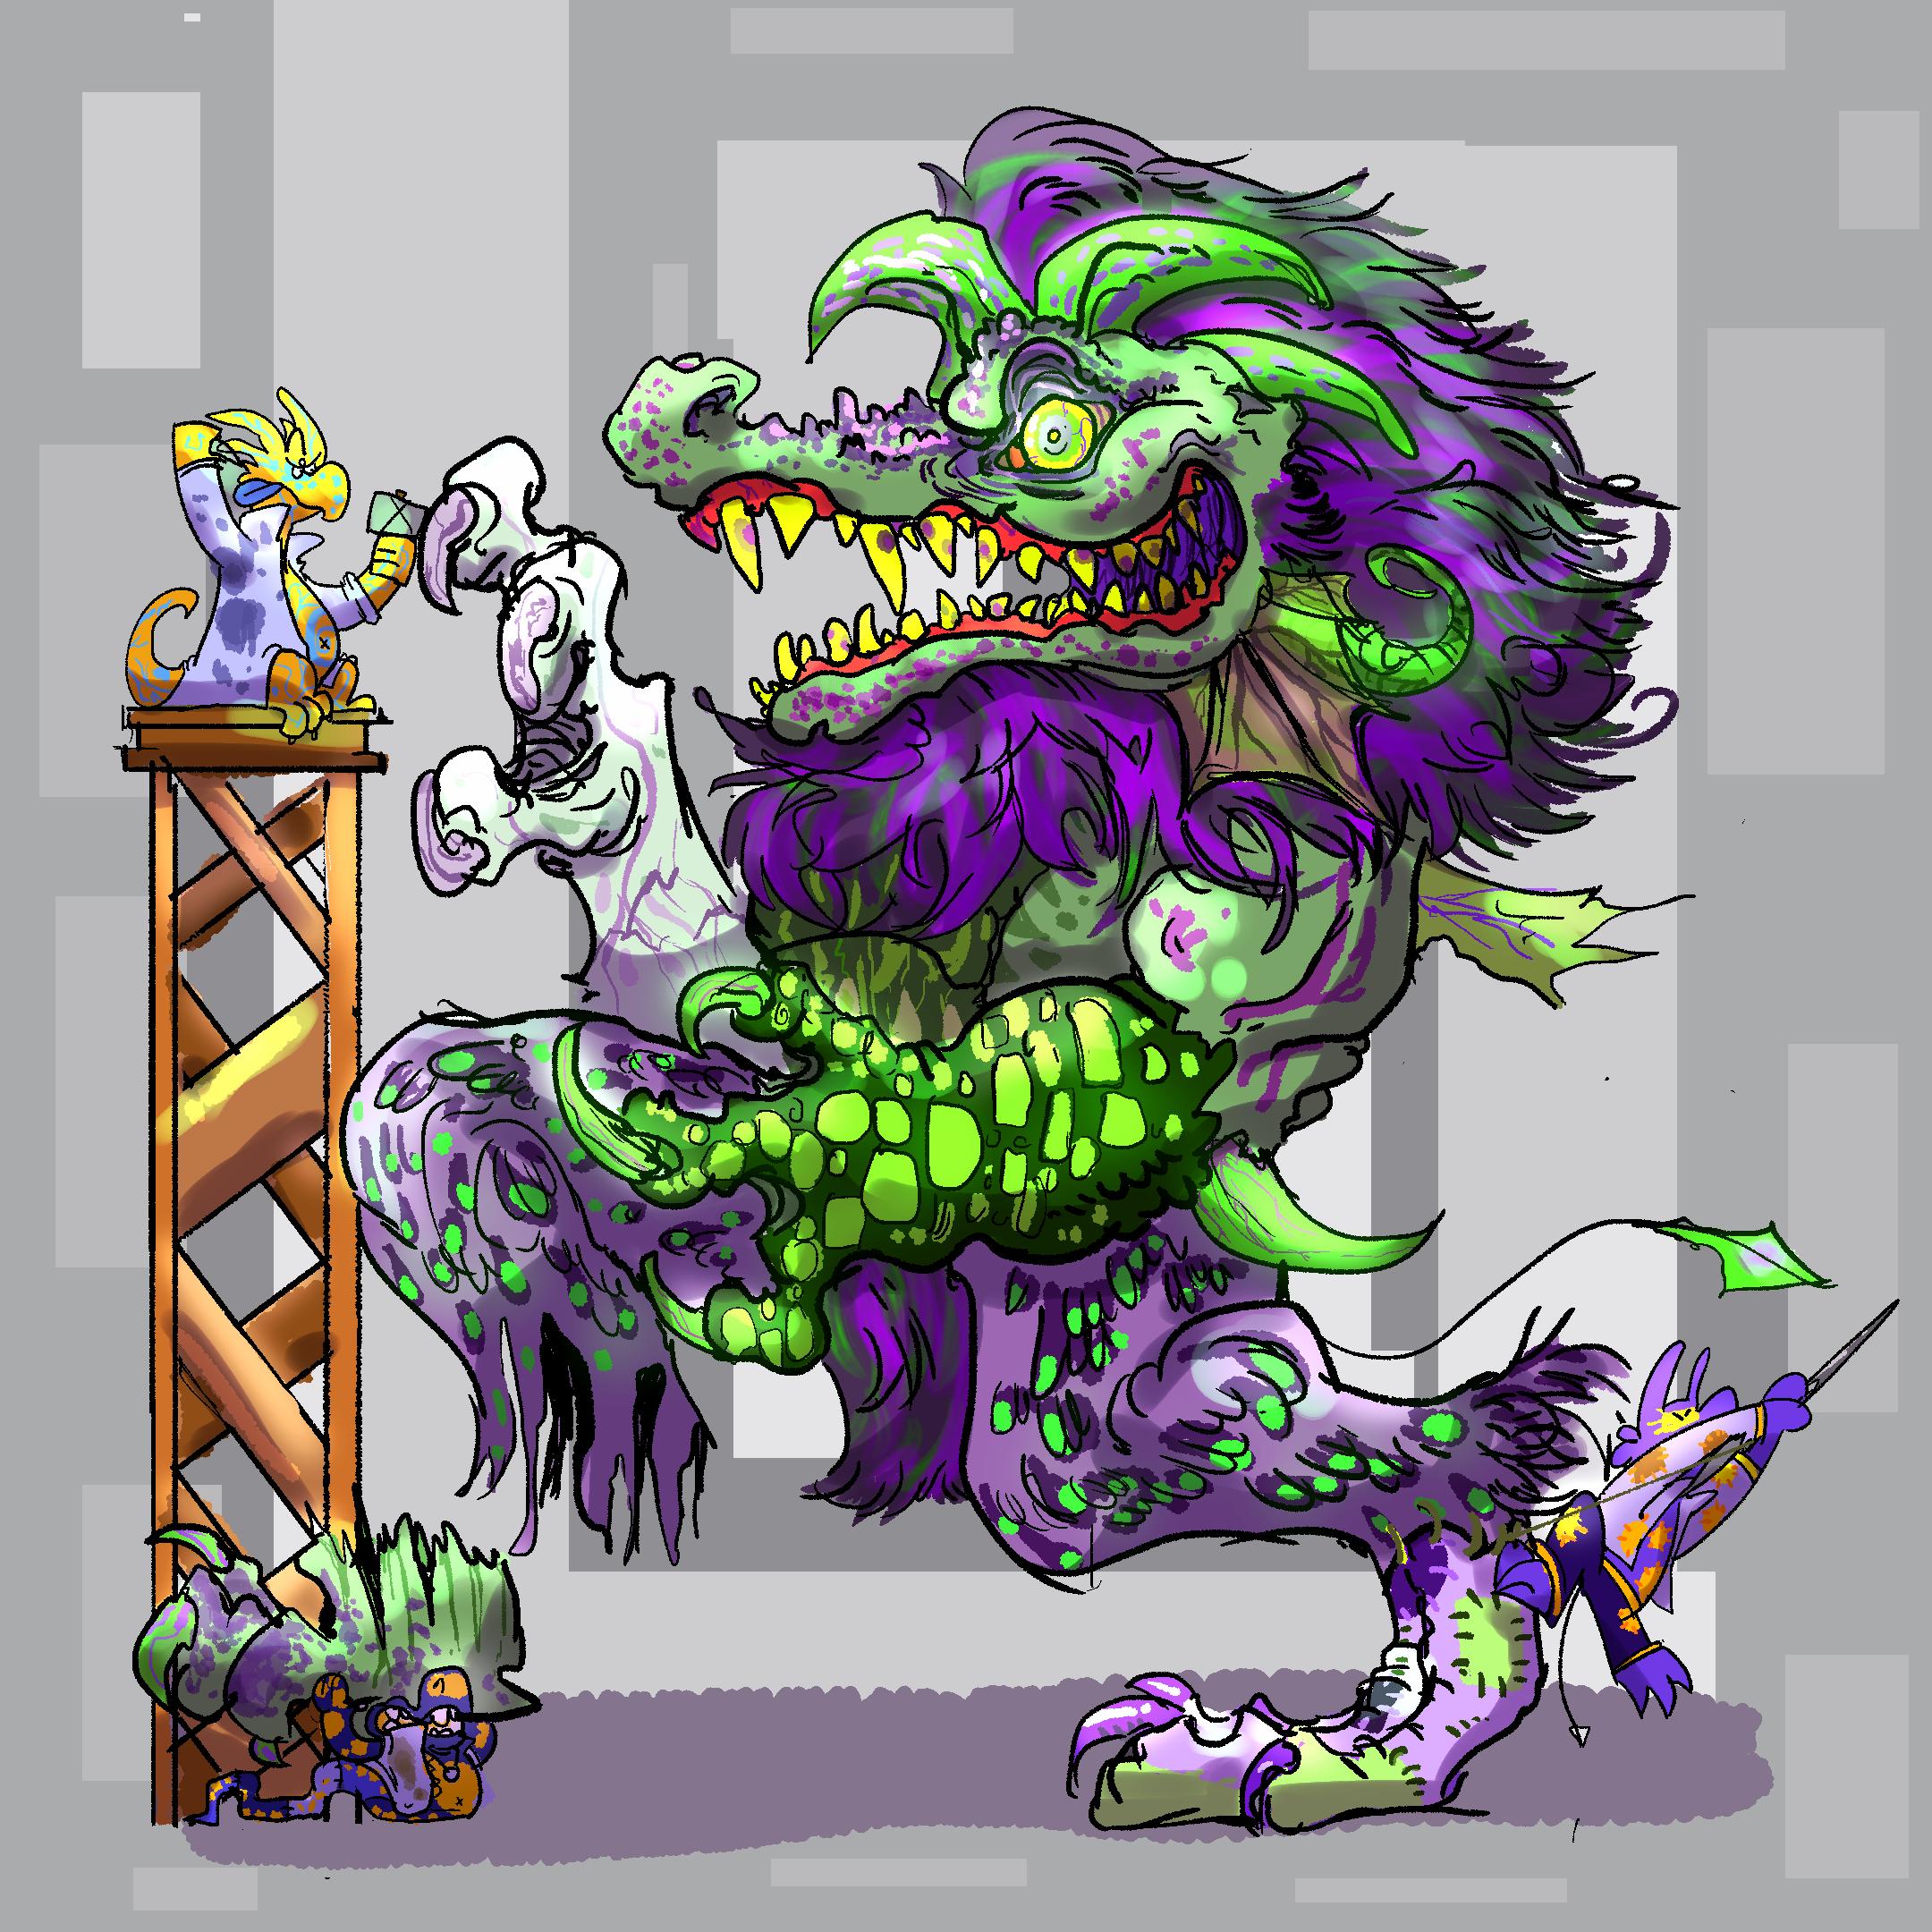 dragondude1.png